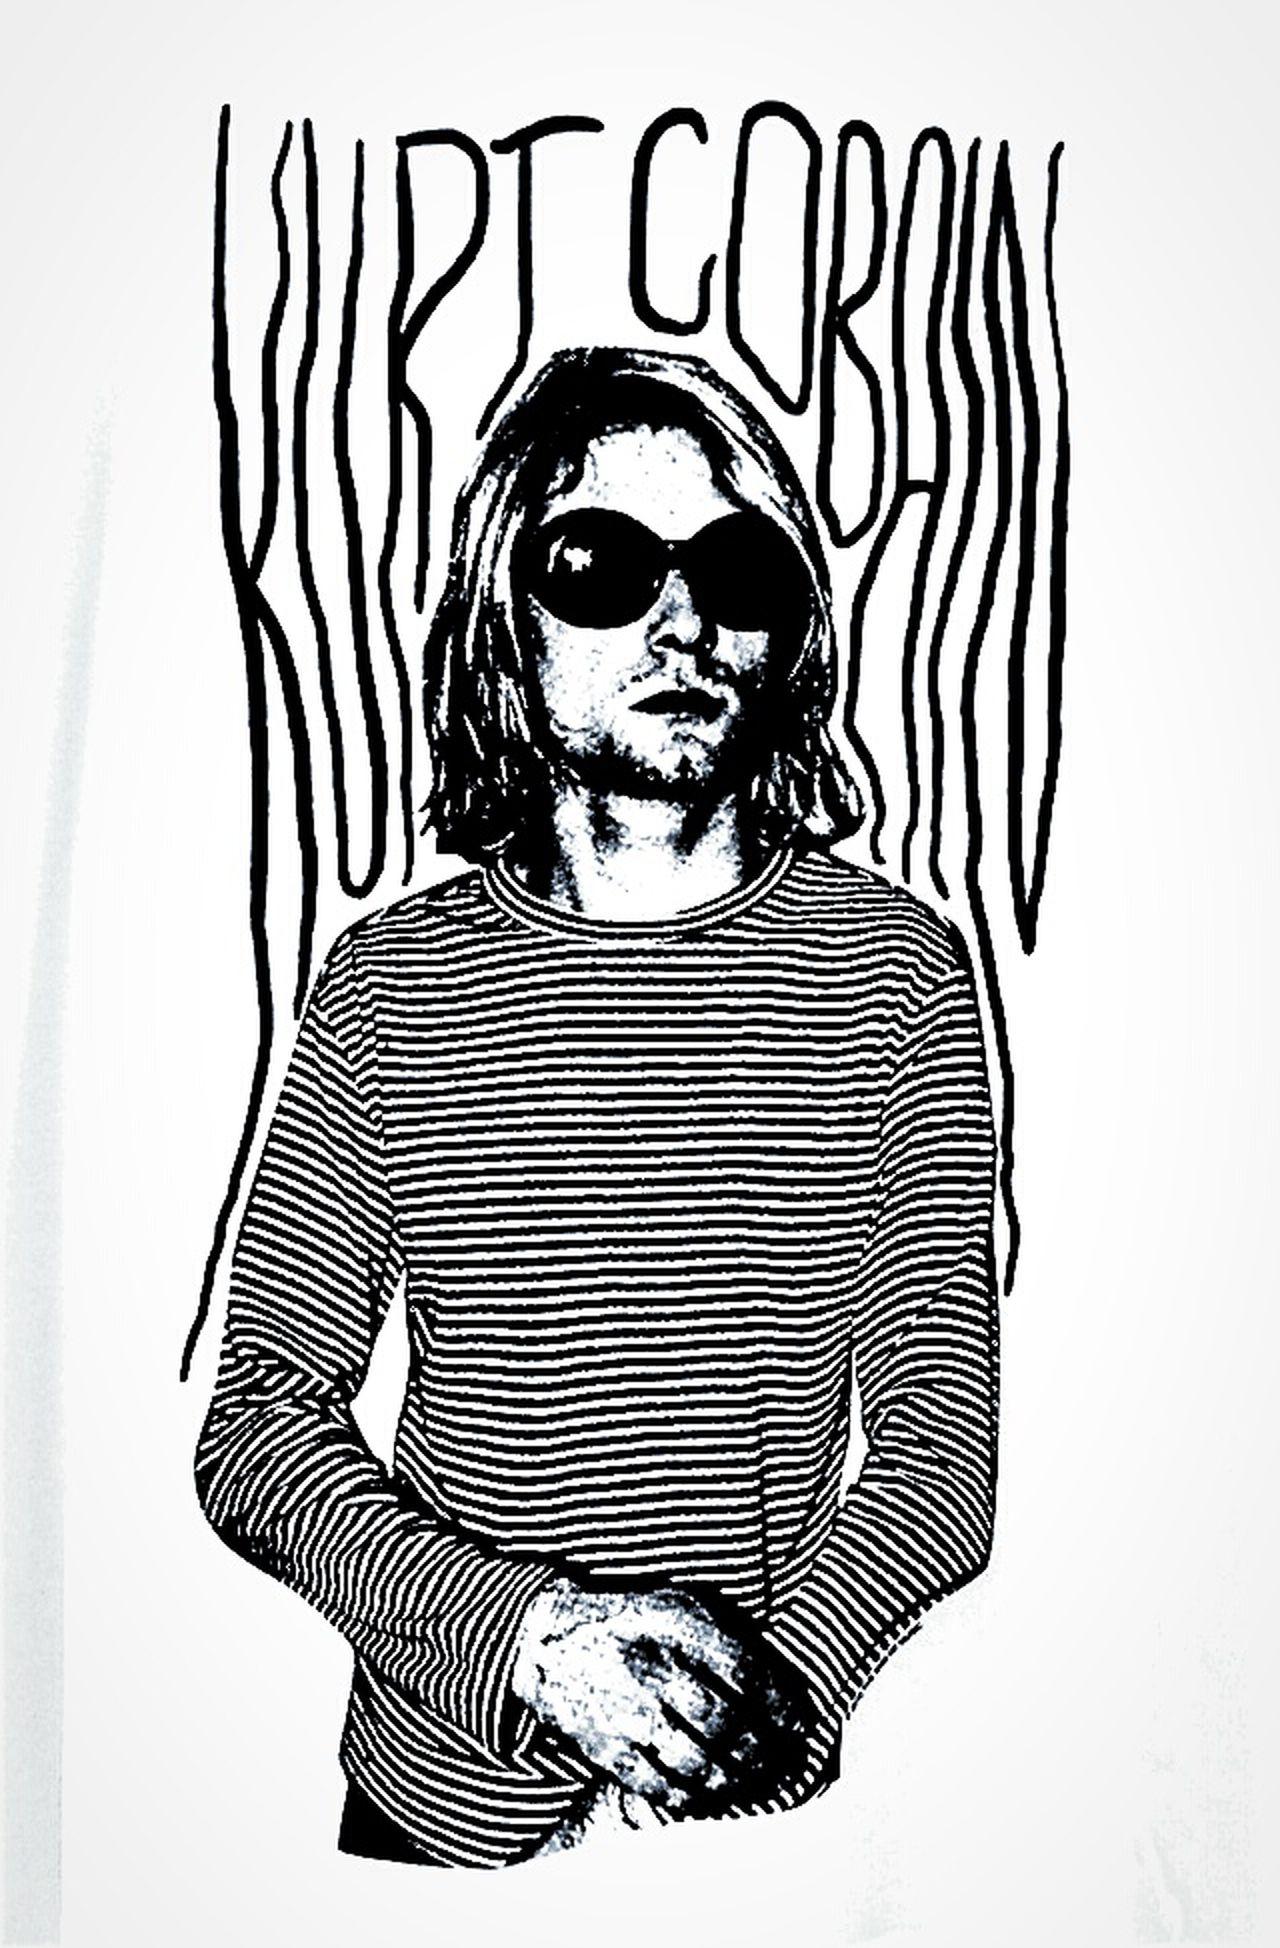 Shirt rip design - Kurt Cobain Nirvana Shirt T_shirt Tshirt Kurtcobain Rip Kurt Cobain Tee Shirt T Shirts Nirvana Nirvanatshirt